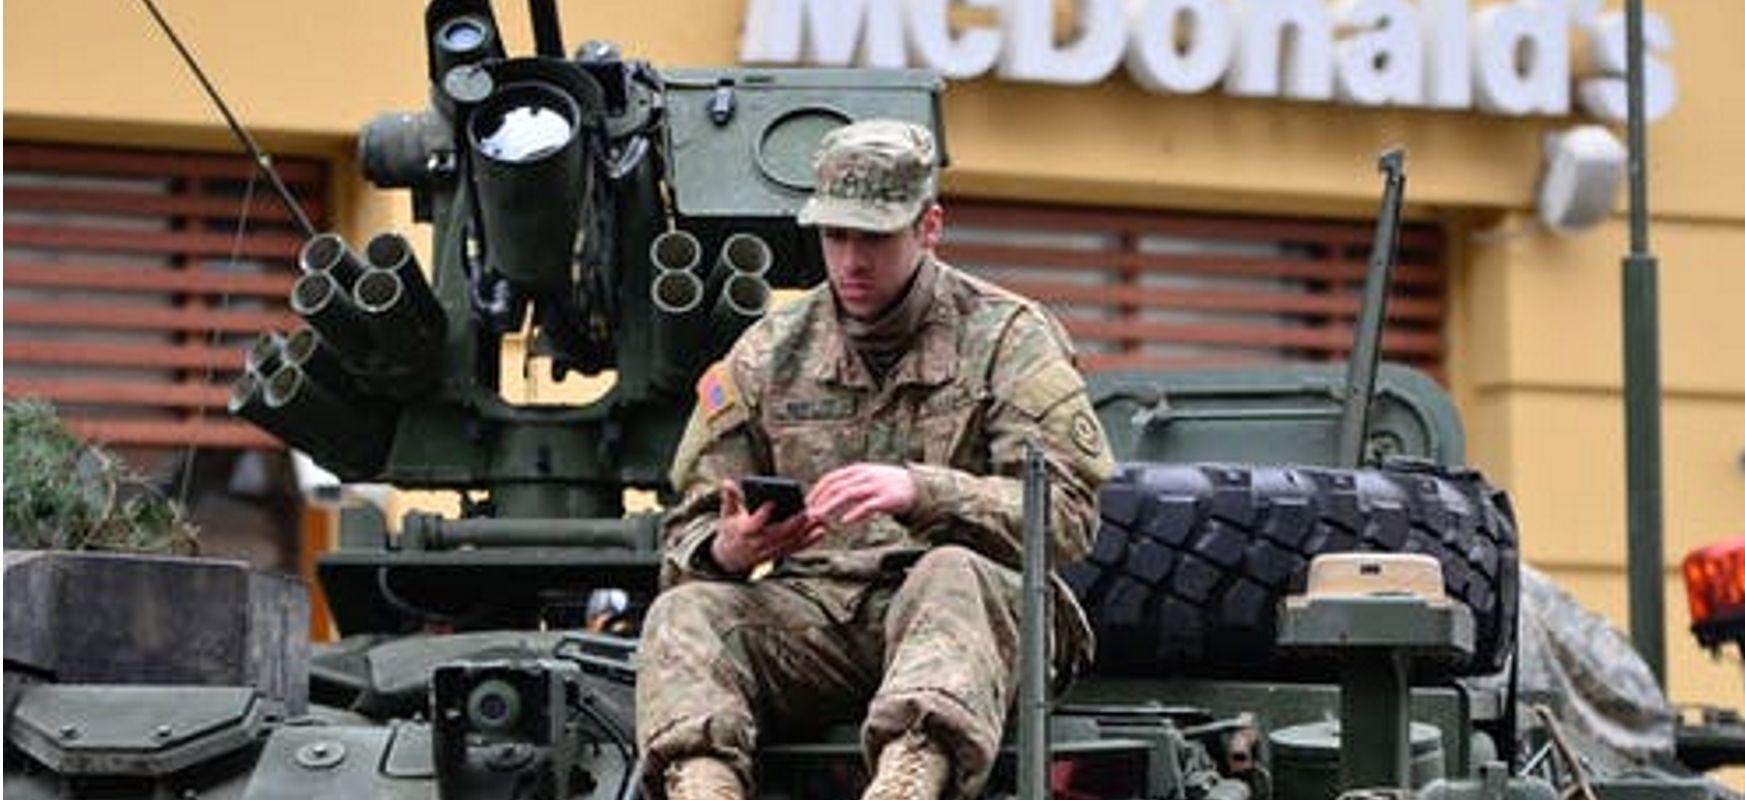 5G probak egiten ditu base militarretan.  Amerikarrek gudu zelaian nola erabili probatzen ari dira